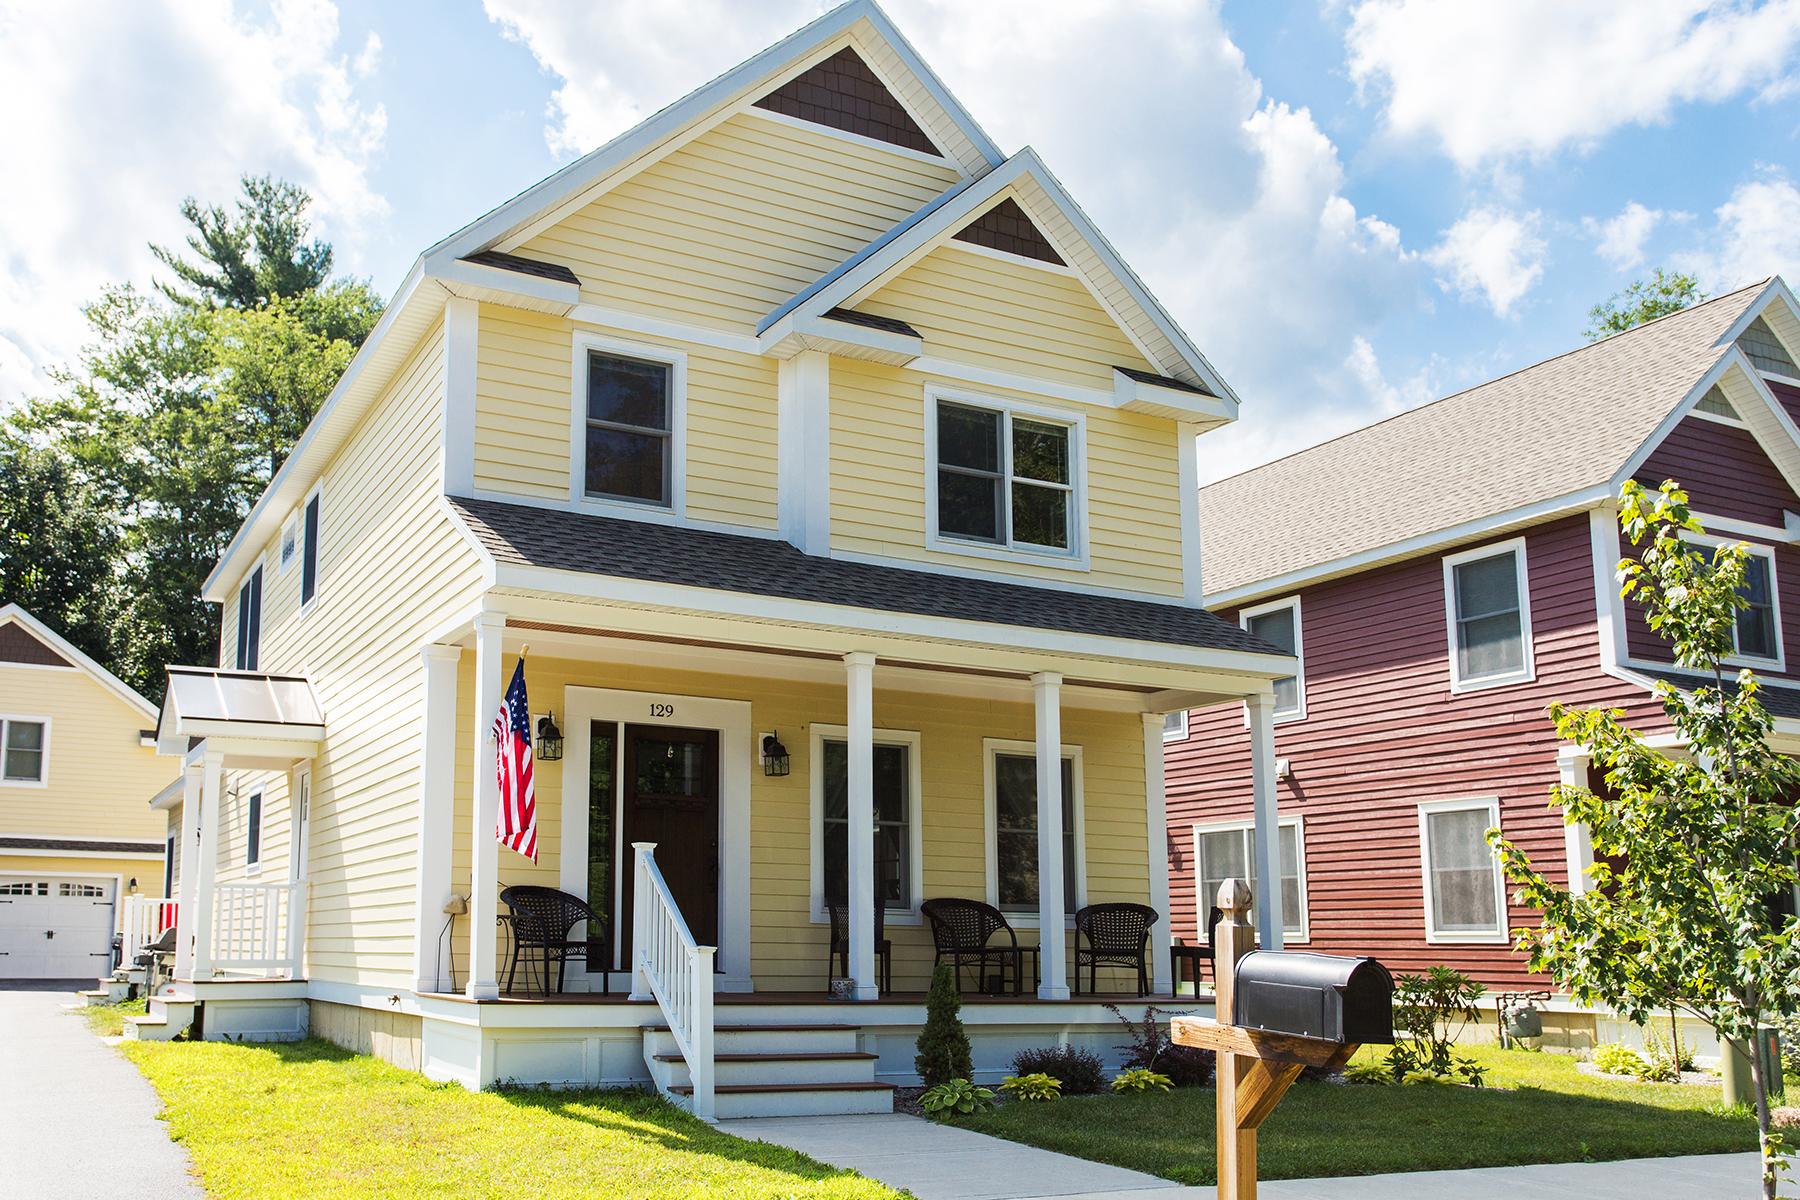 Частный односемейный дом для того Аренда на Saratoga Track Season Rental 129 Adams St Saratoga Springs, Нью-Йорк 12866 Соединенные Штаты